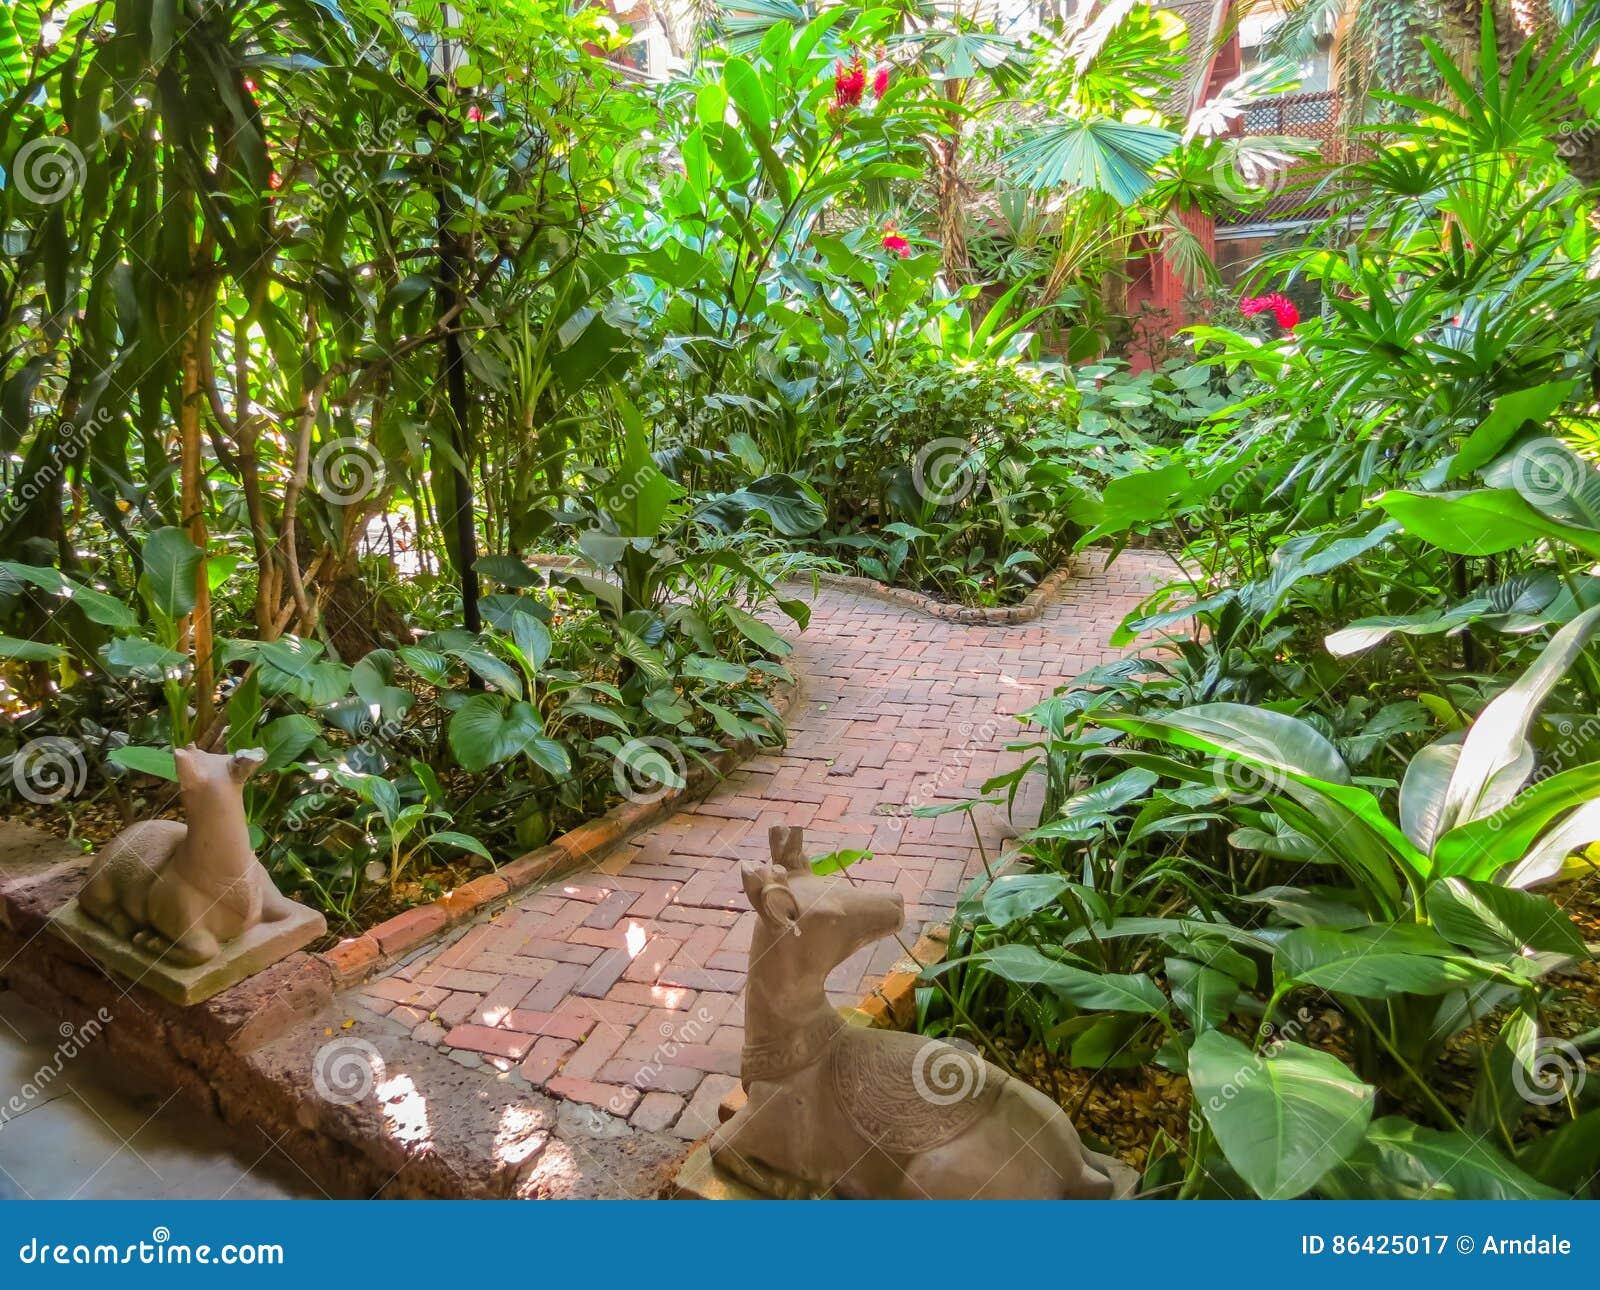 Maison Thailandaise Et Jardin Tropical Image Stock Image Du Foret